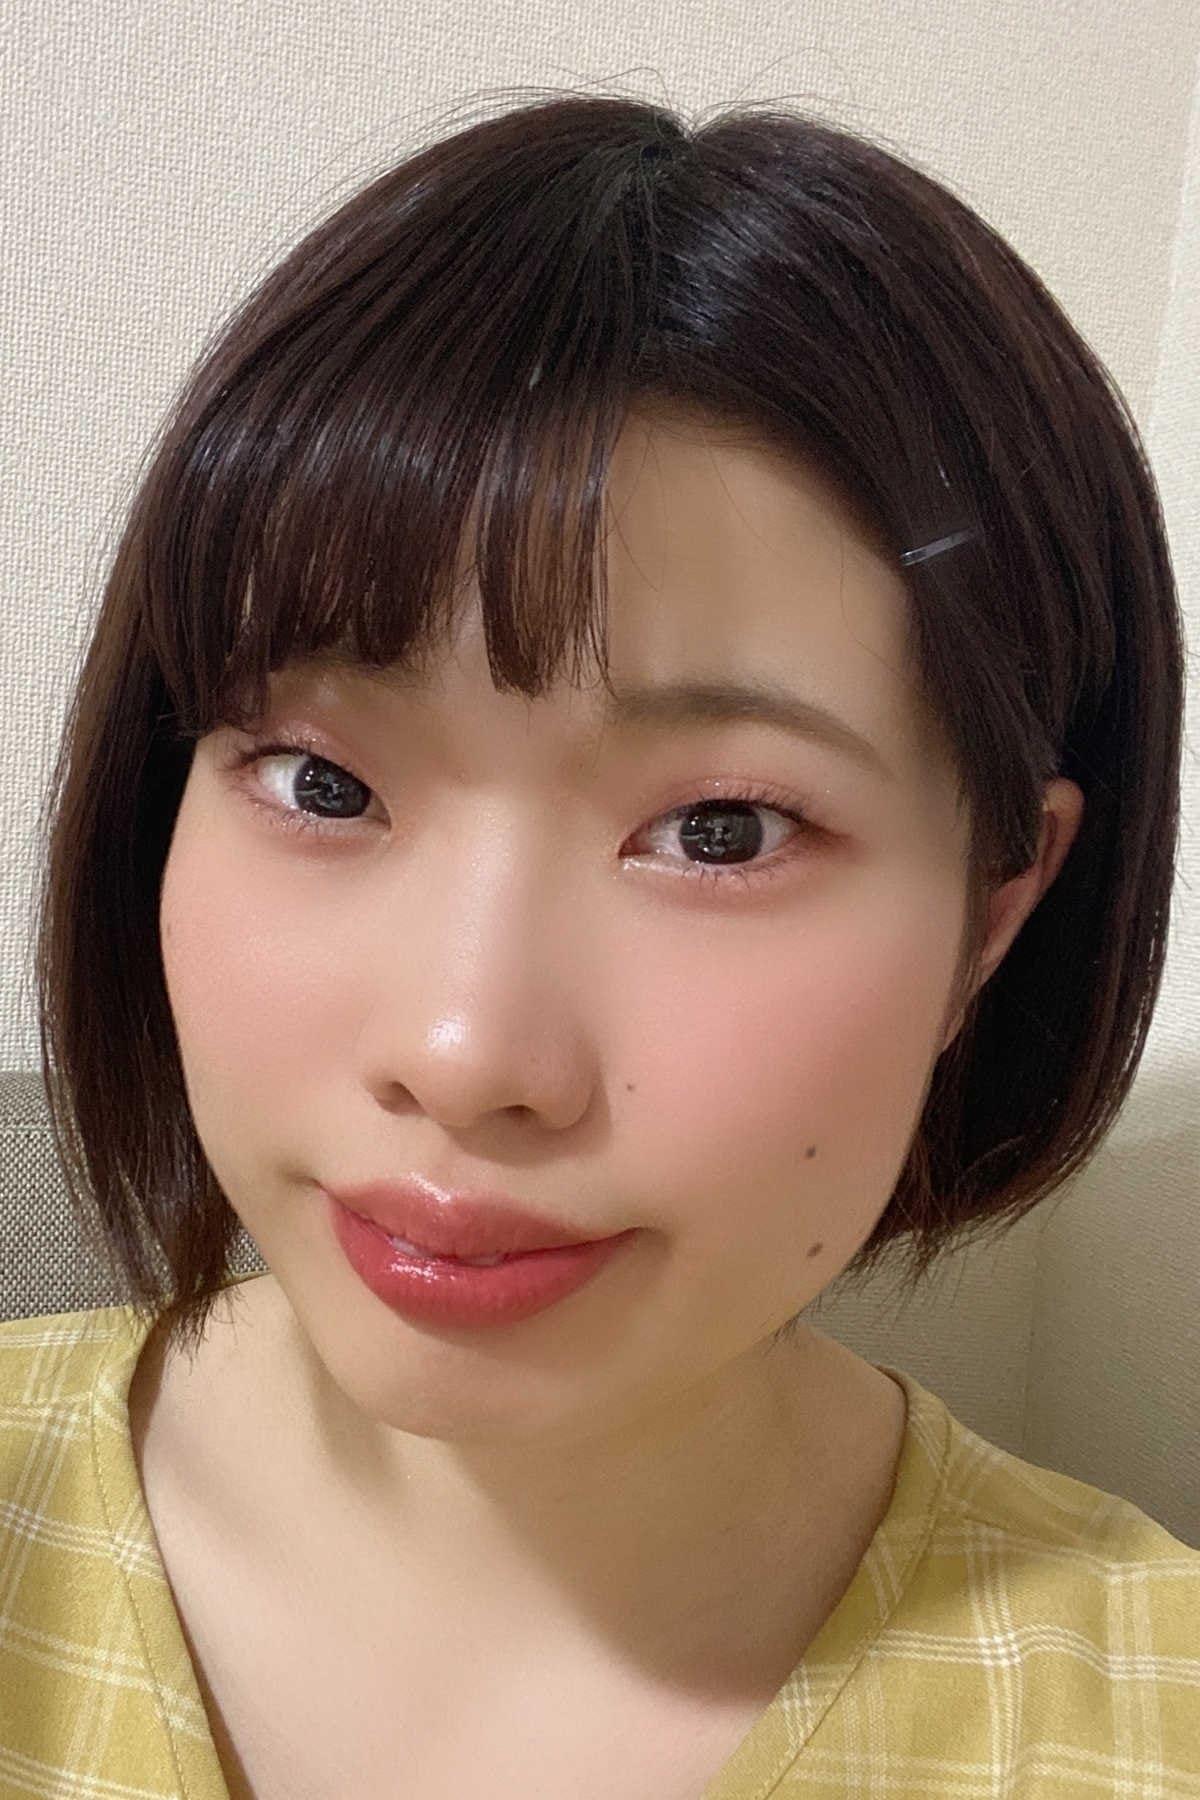 Hiroko Oniura